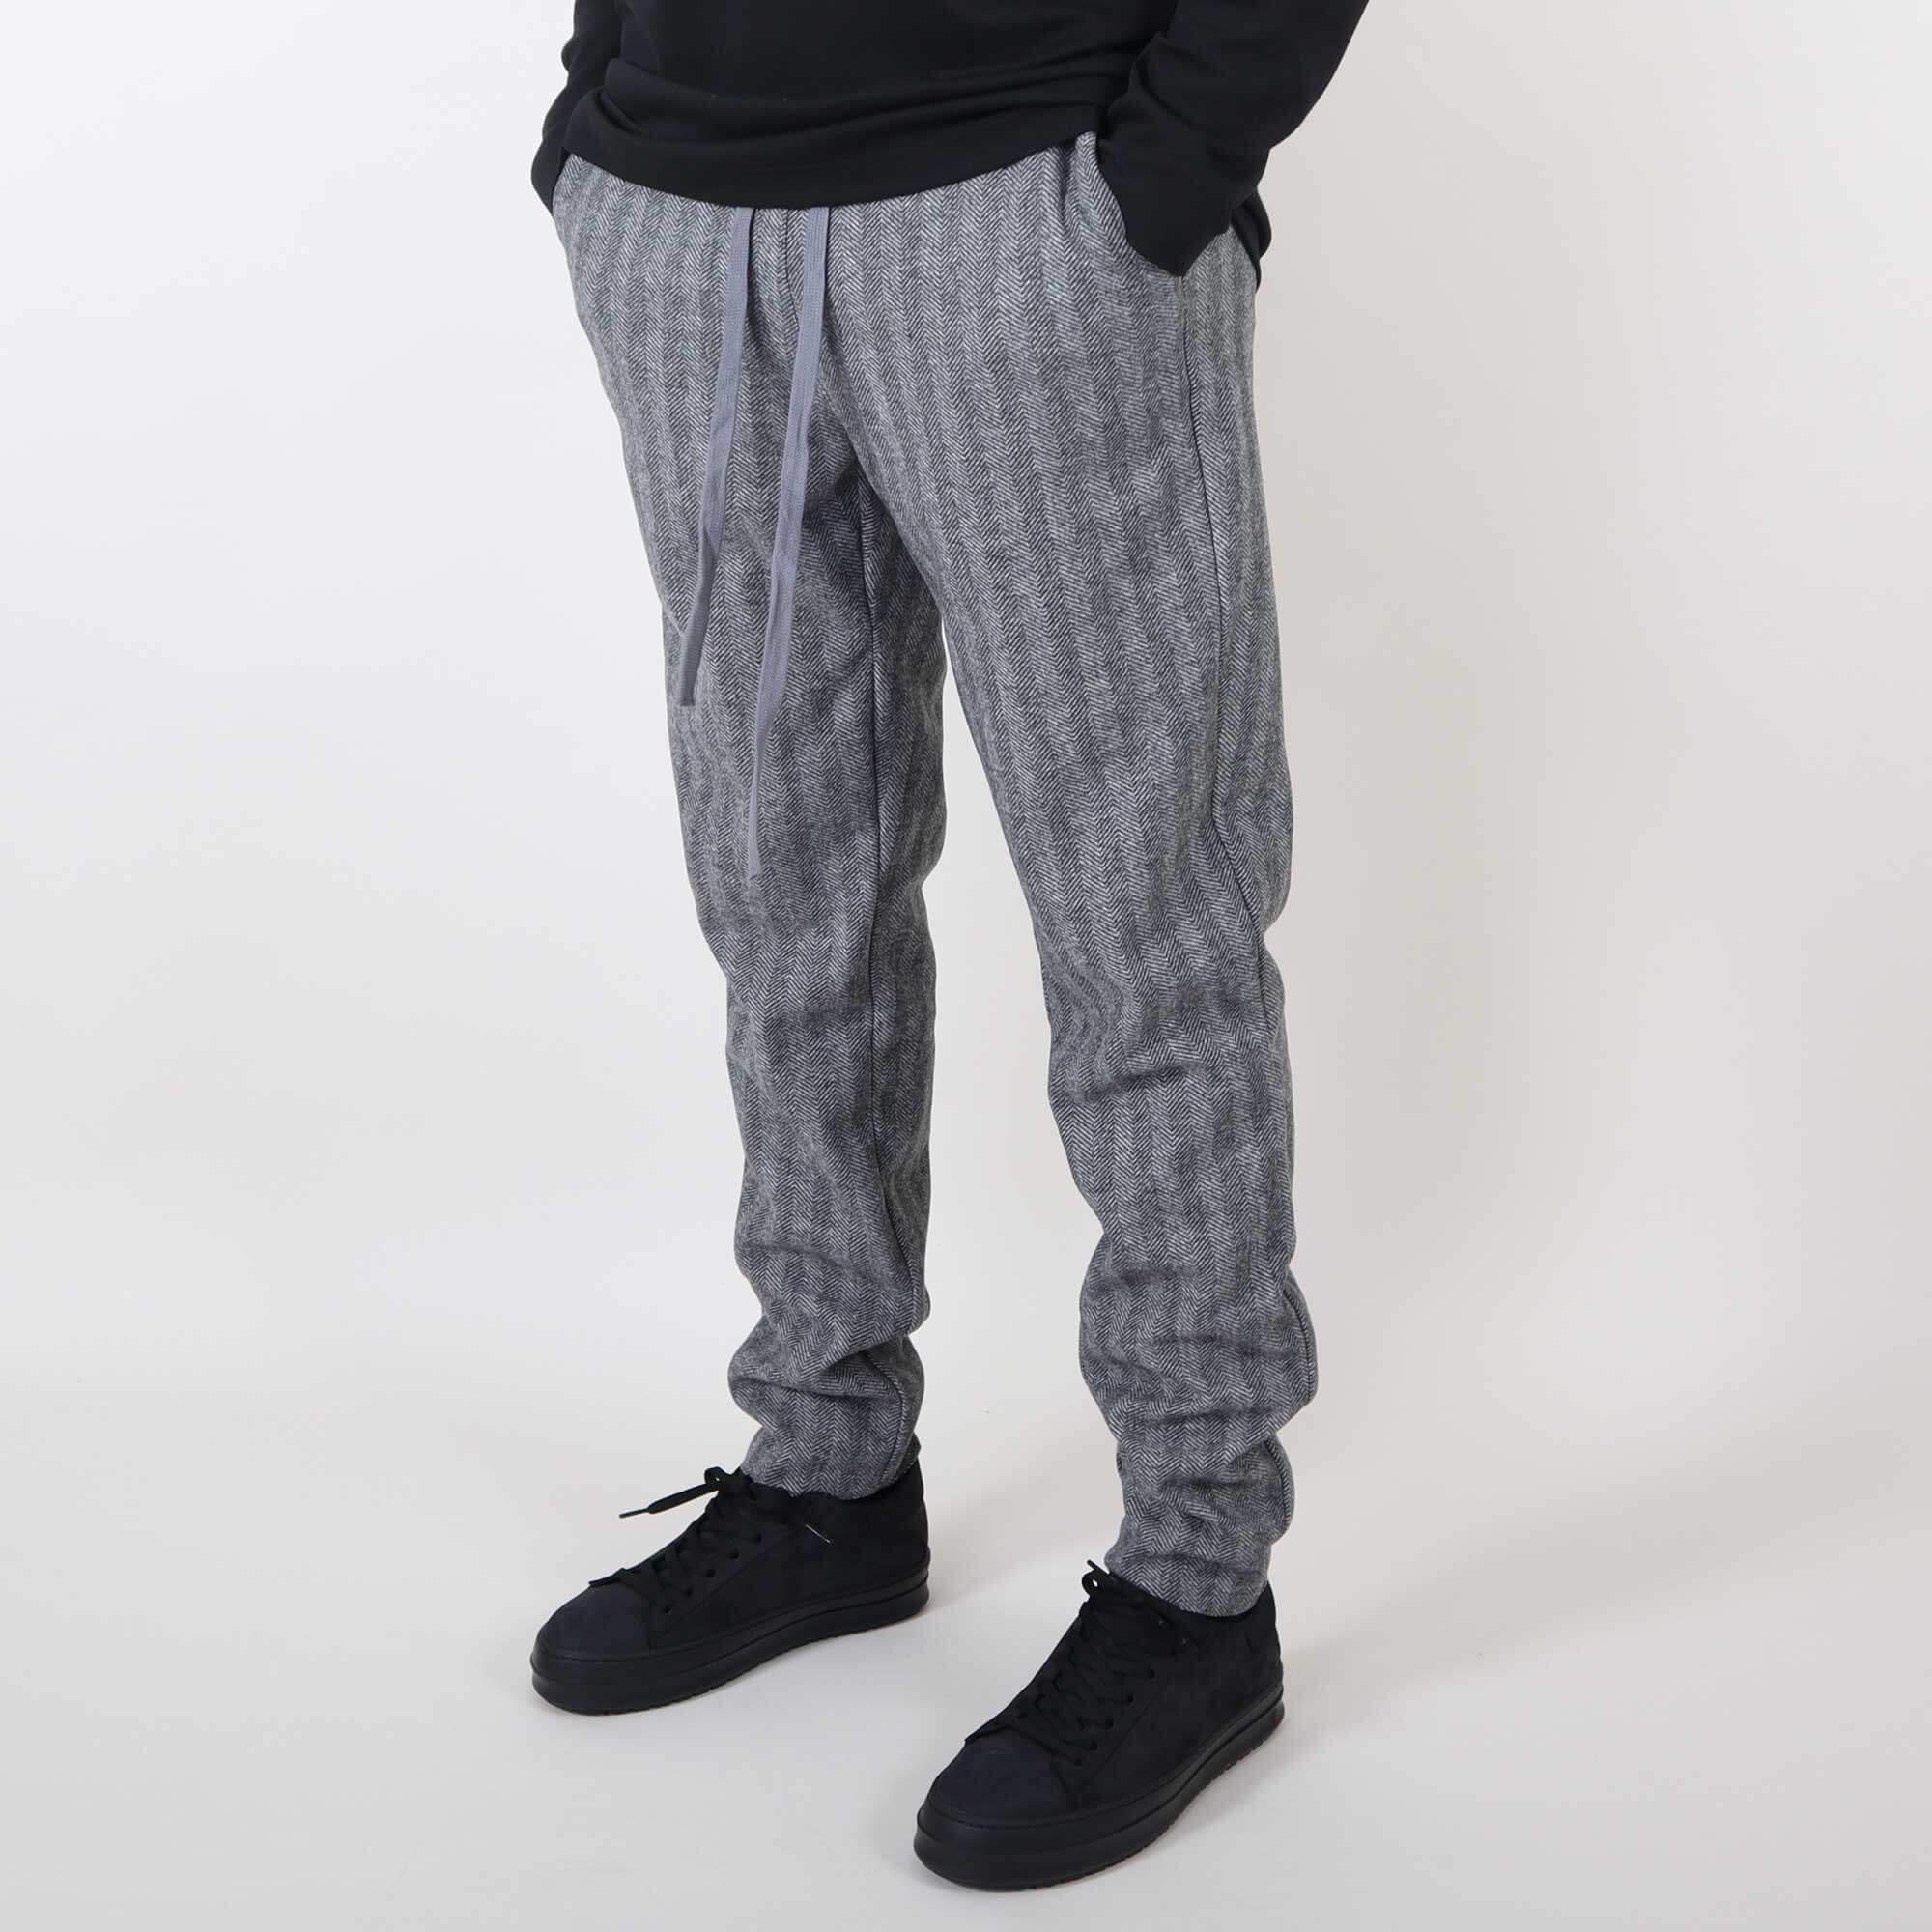 pants-grey-1